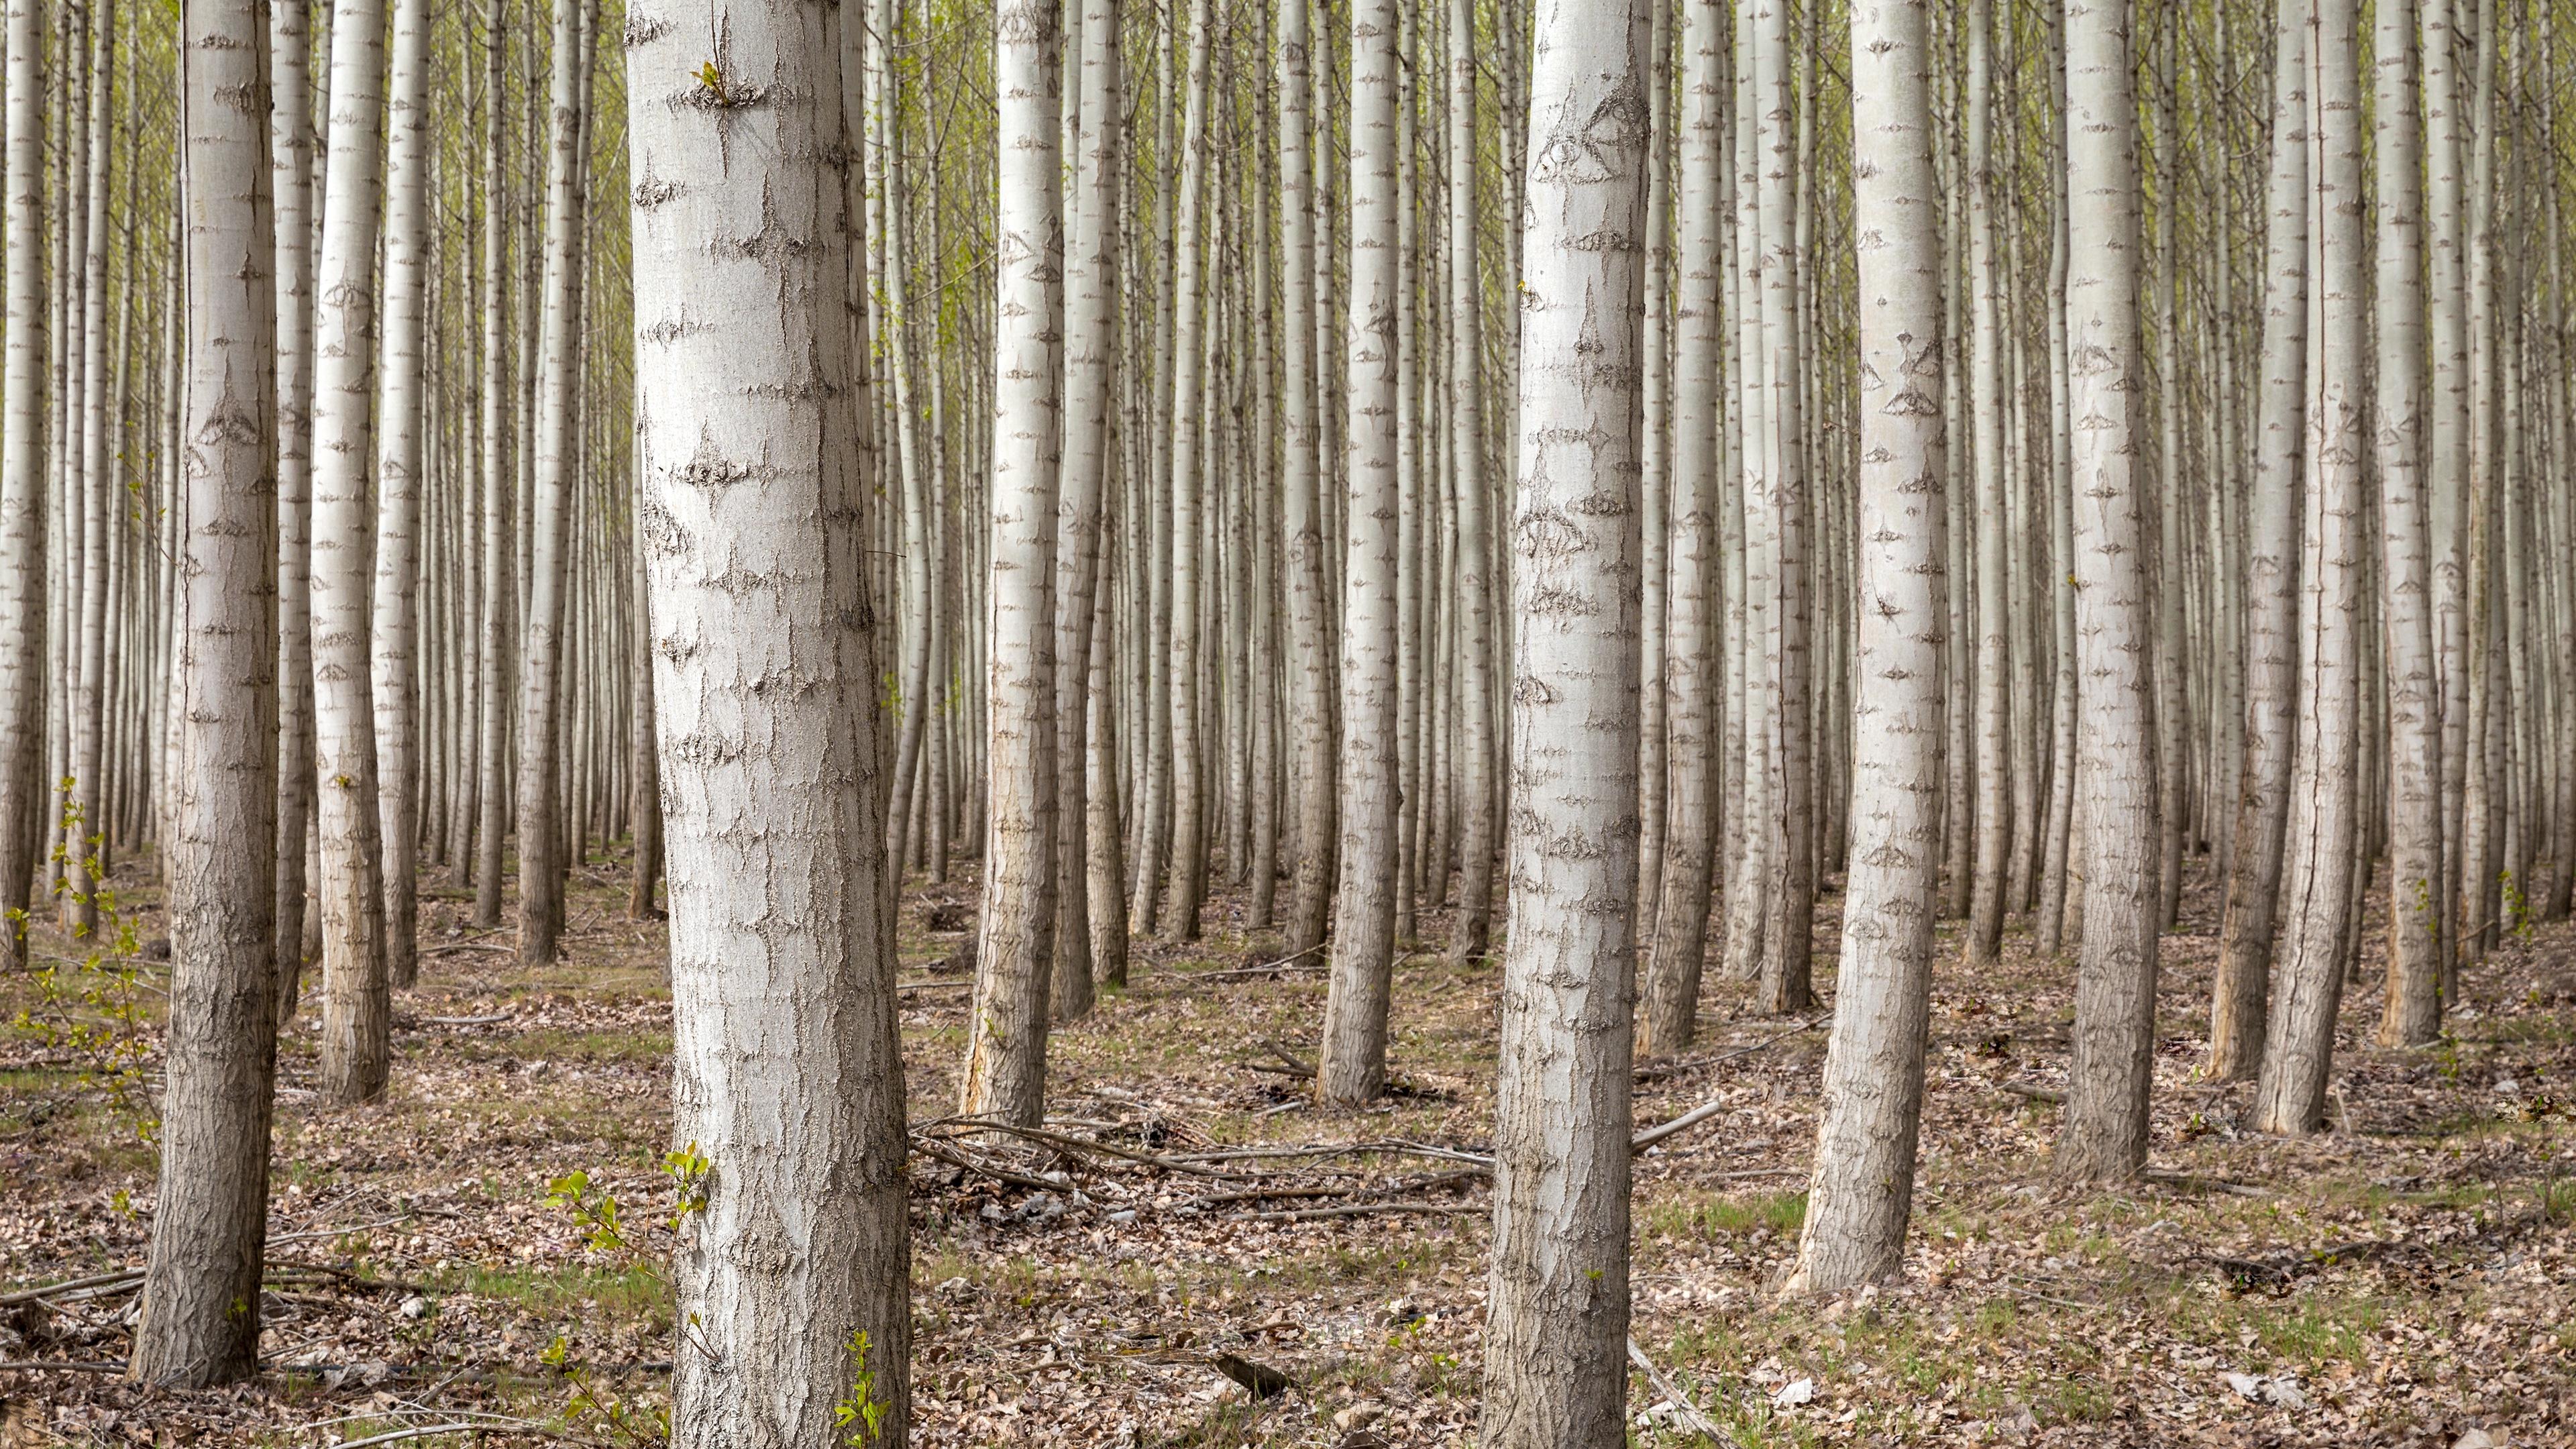 Dense Forest Trees 4K Ultra HD Desktop Wallpaper Uploaded by 3840x2160